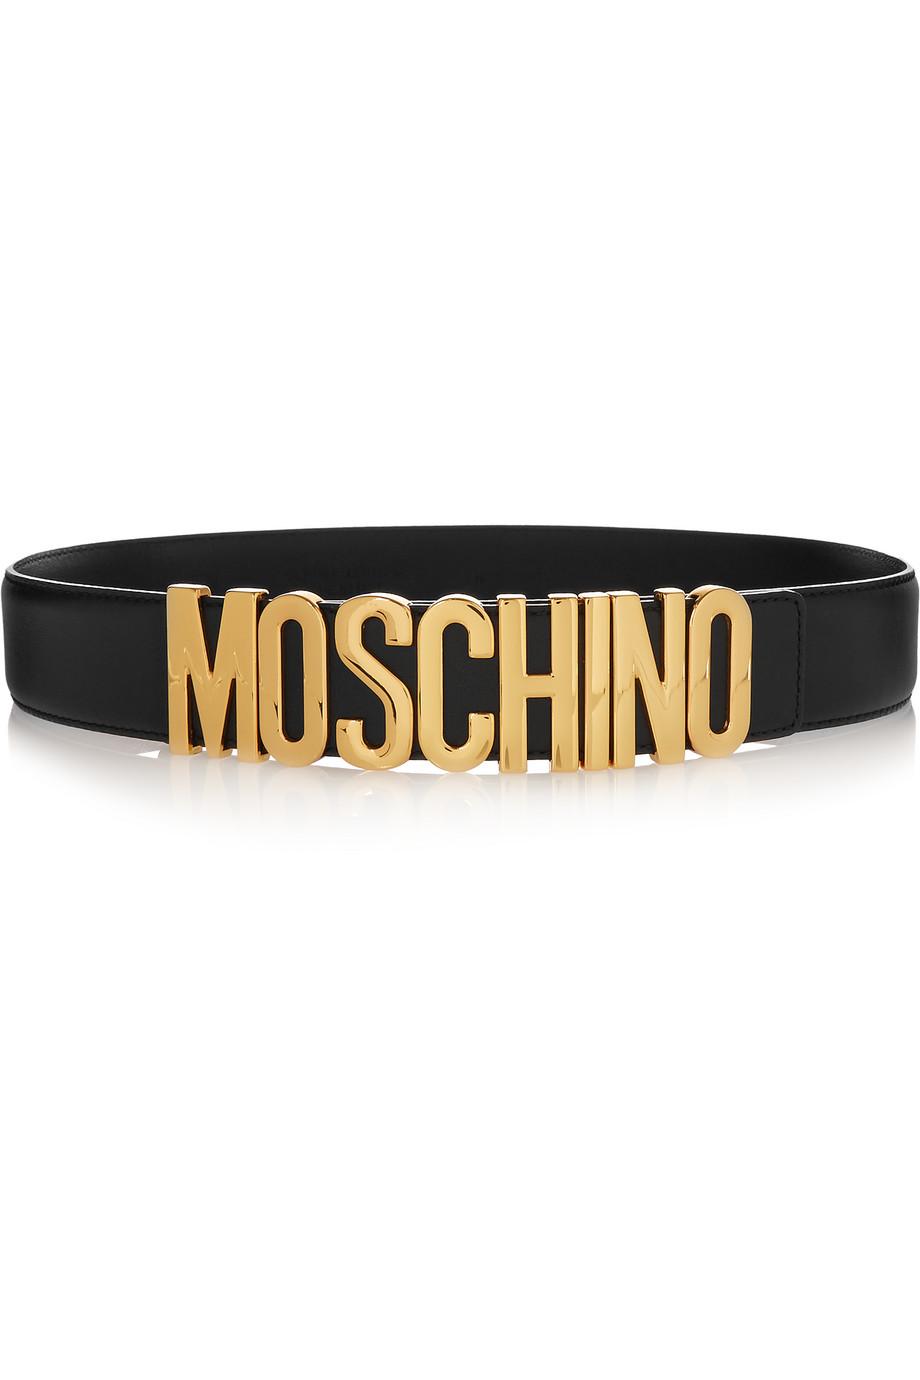 Moschino Embellished Leather Belt, Black, Women's, Size: 40